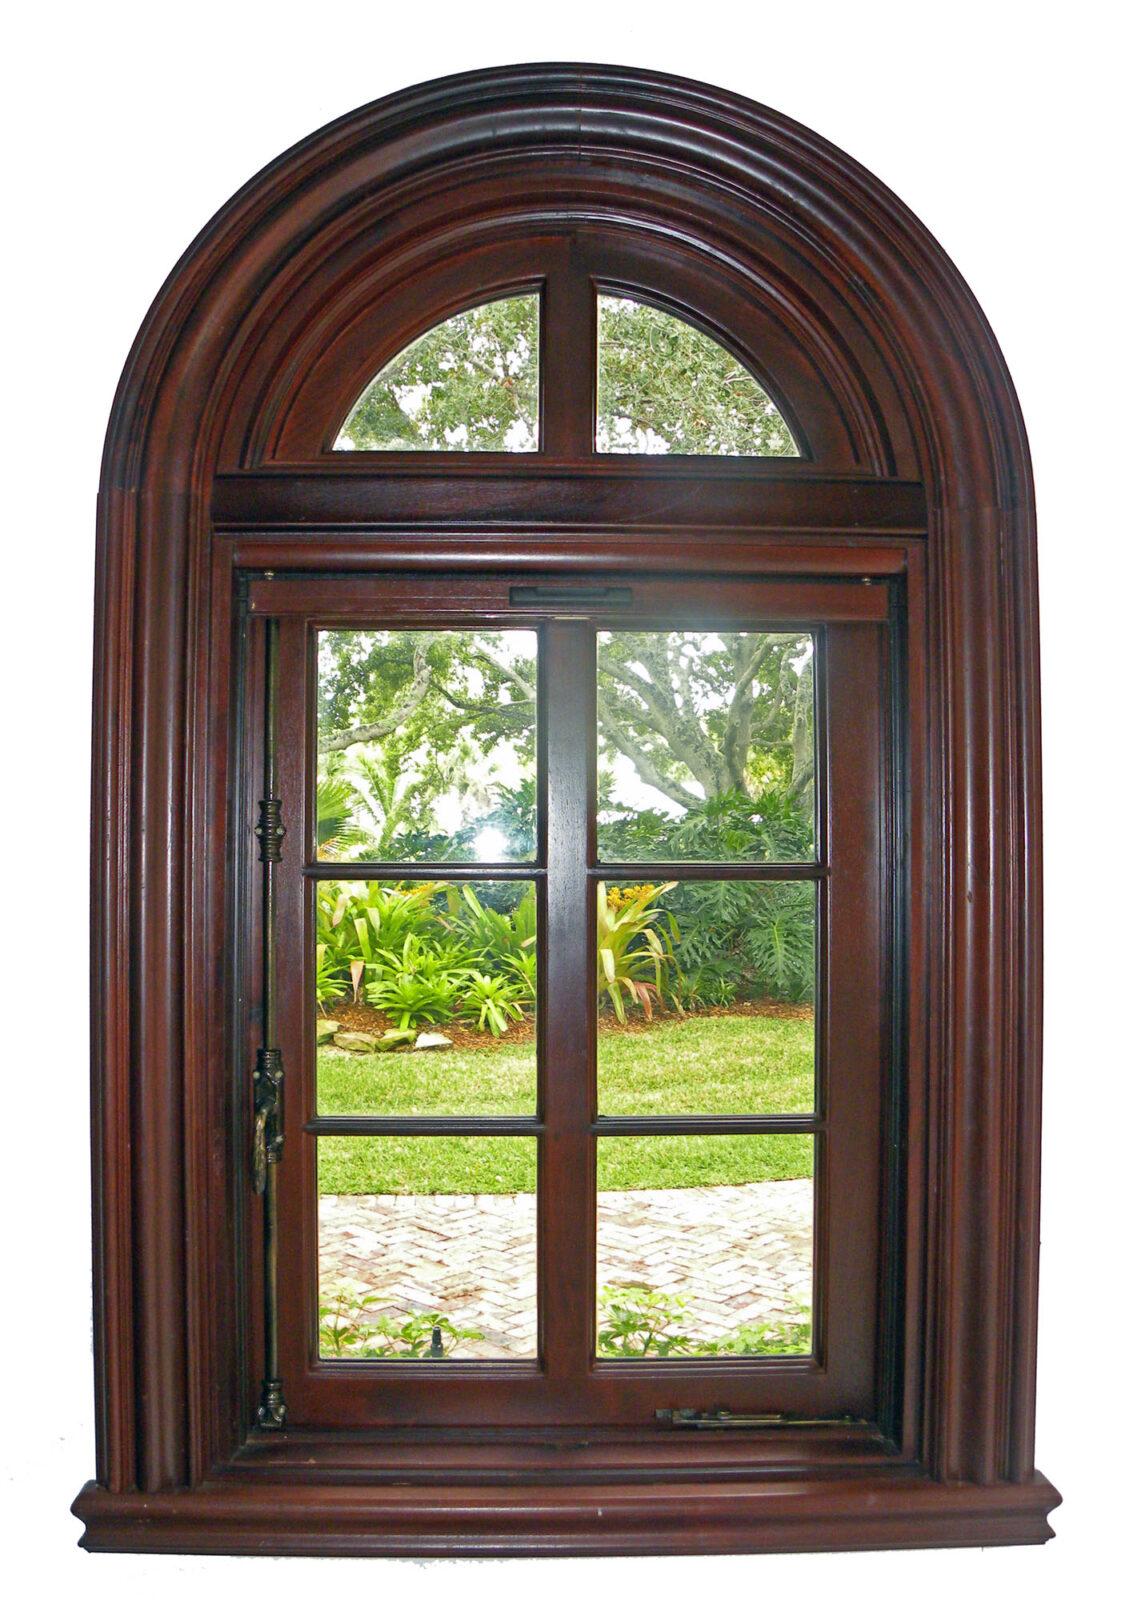 JUPITER WINDOW